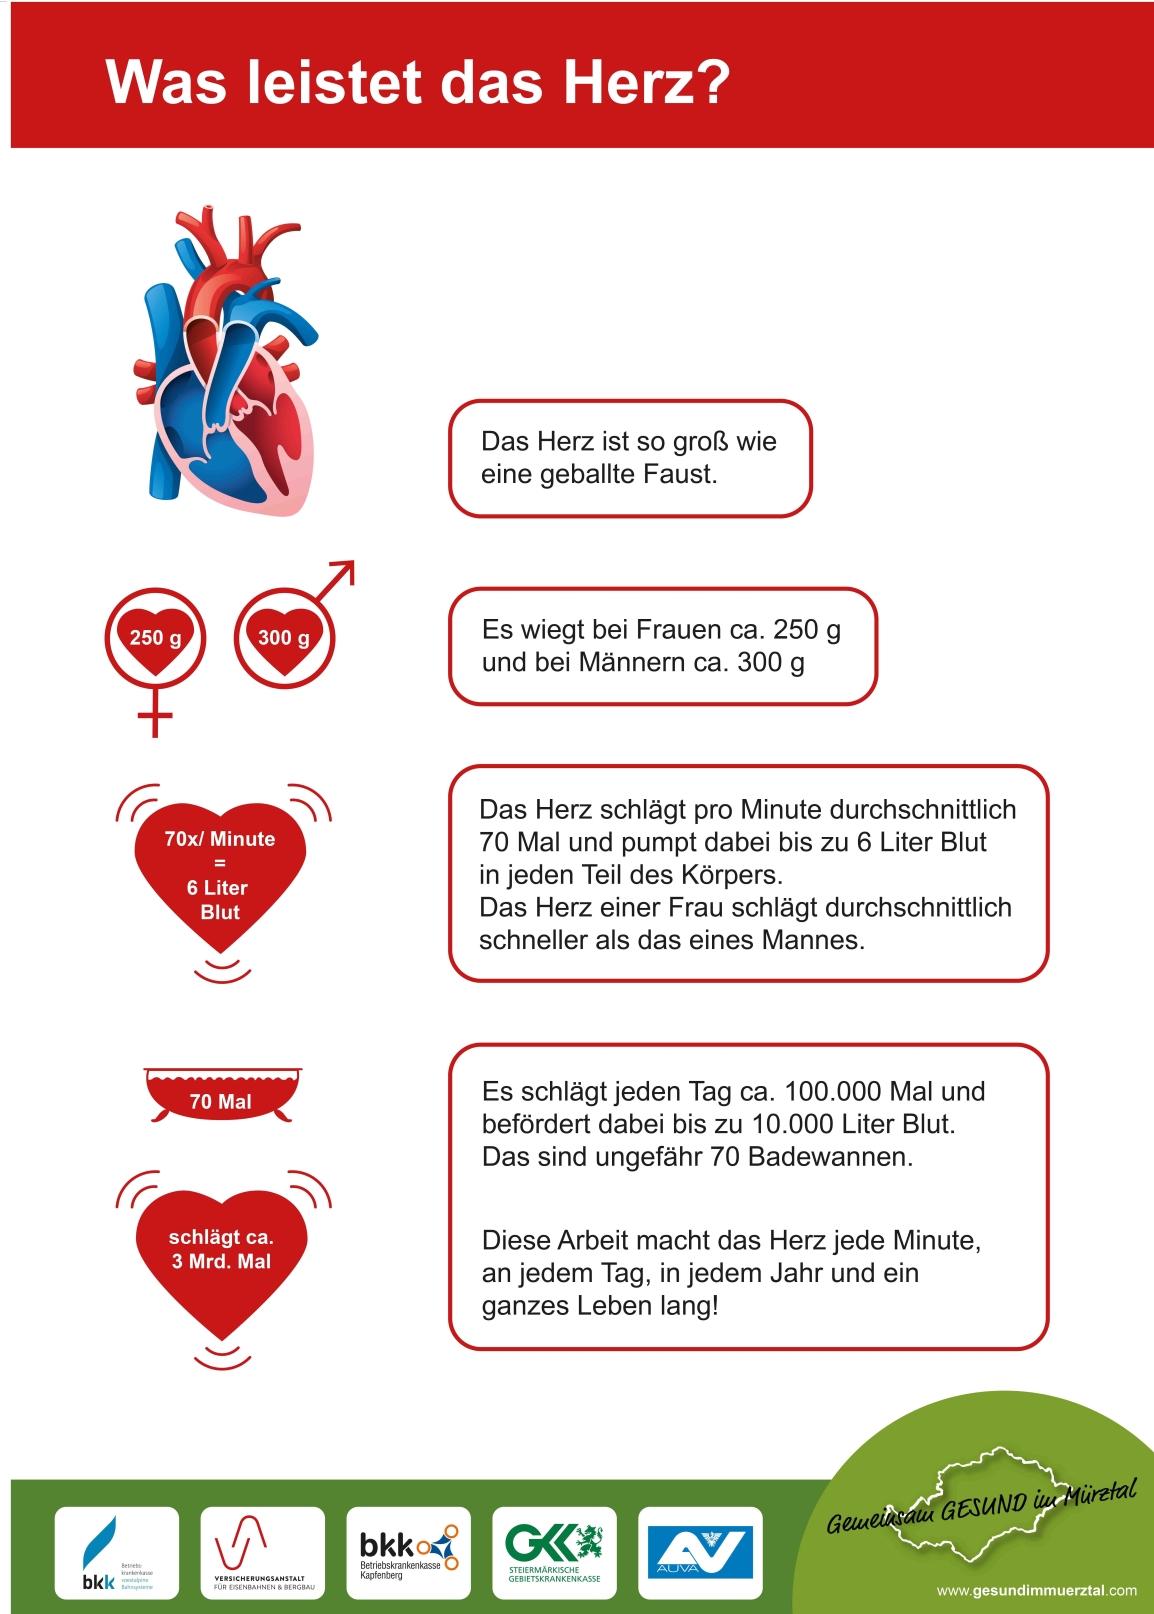 Herzleistung – Genusstag Kapfenberg – Gemeinsam GESUND im Mürztal